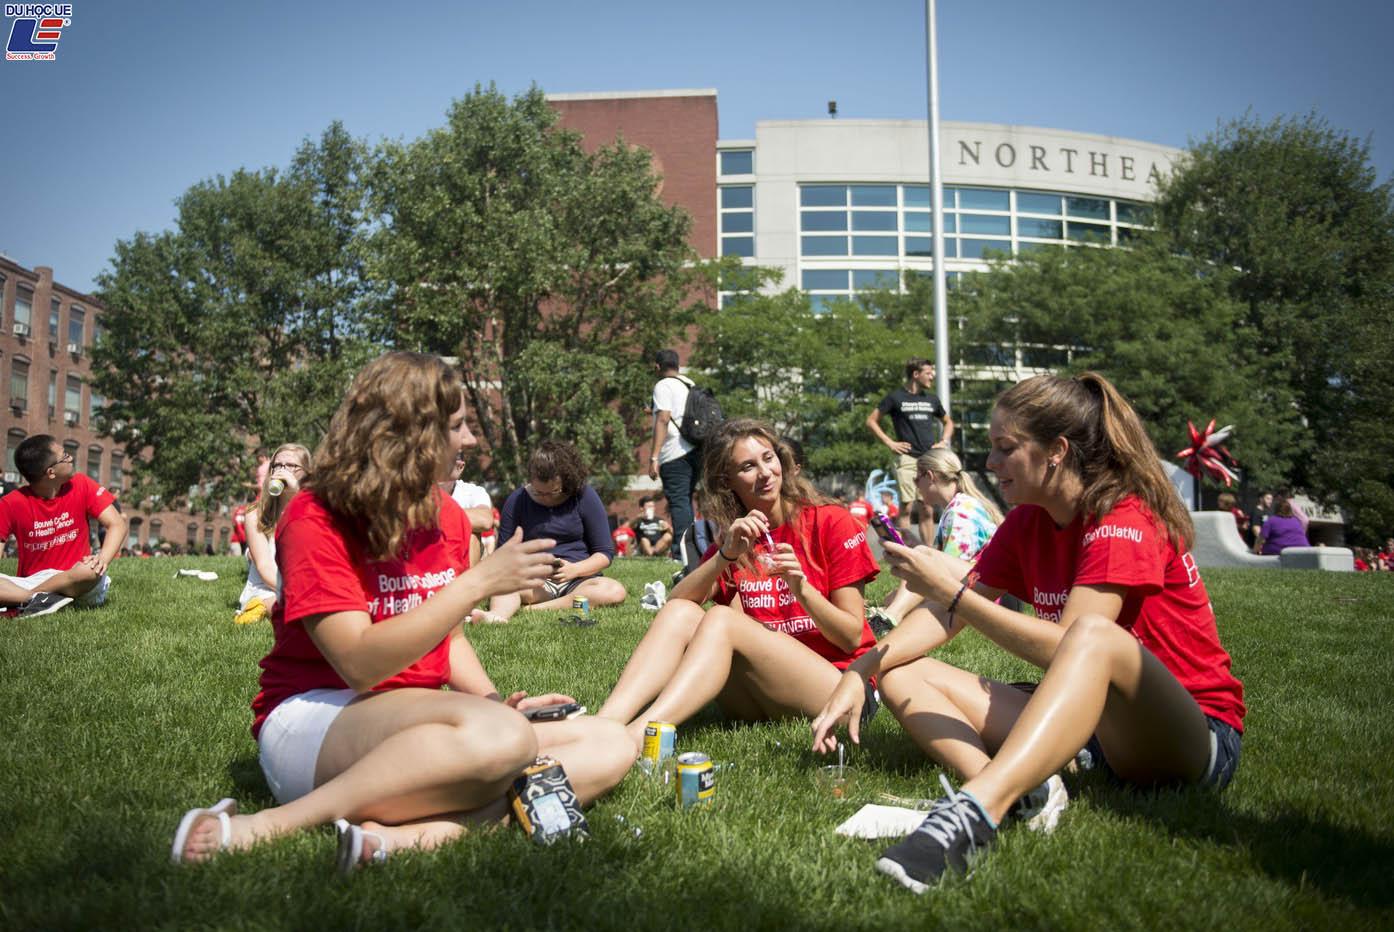 Du học Mỹ bậc thạc sĩ không yêu cầu GMAT GRE tại Northeastern University 4